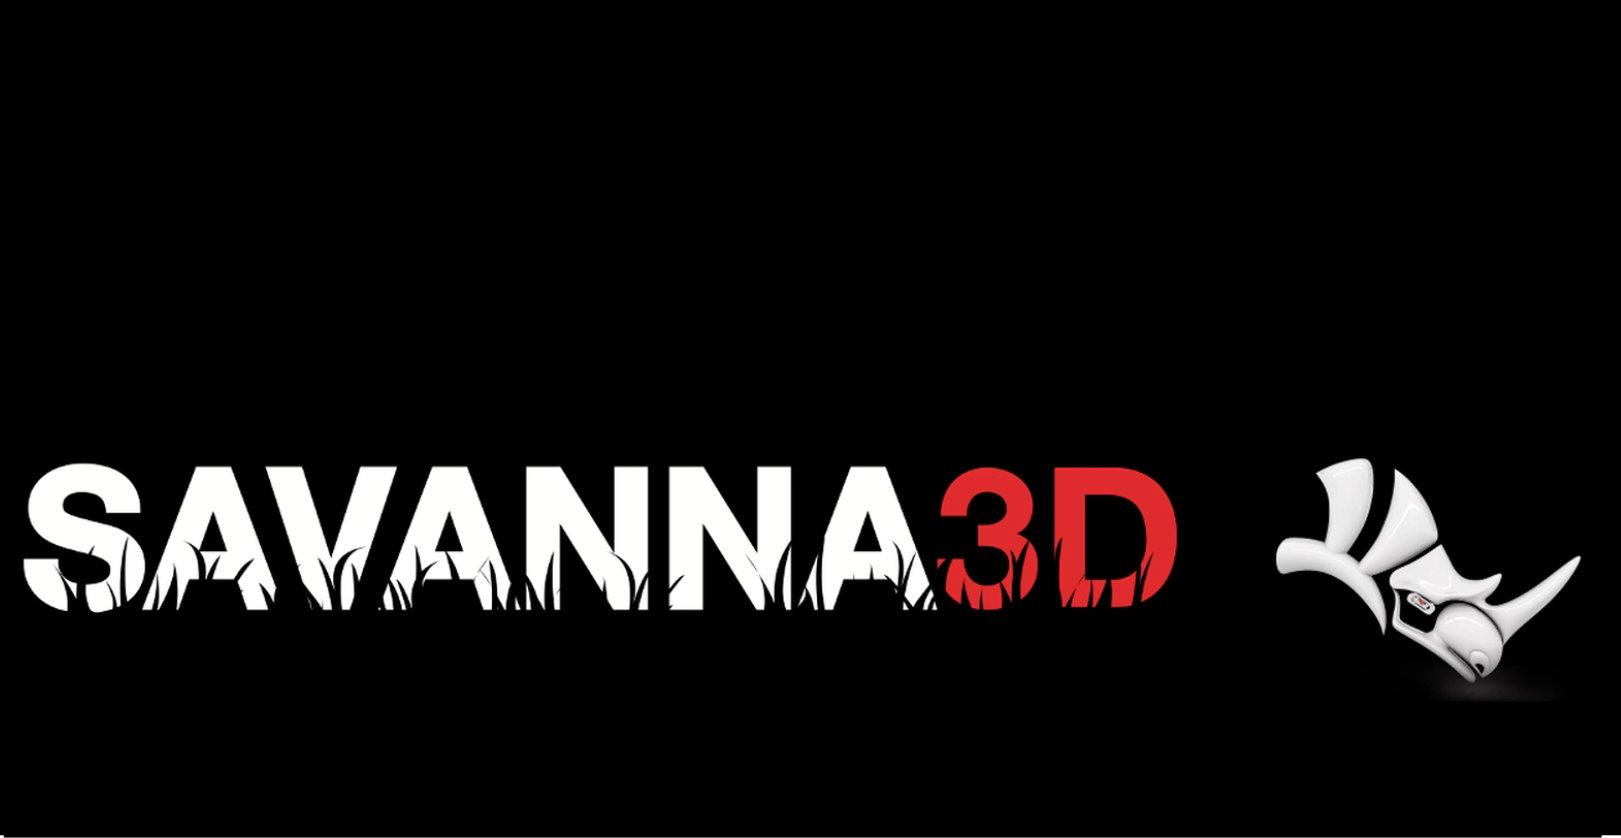 Savanna3D